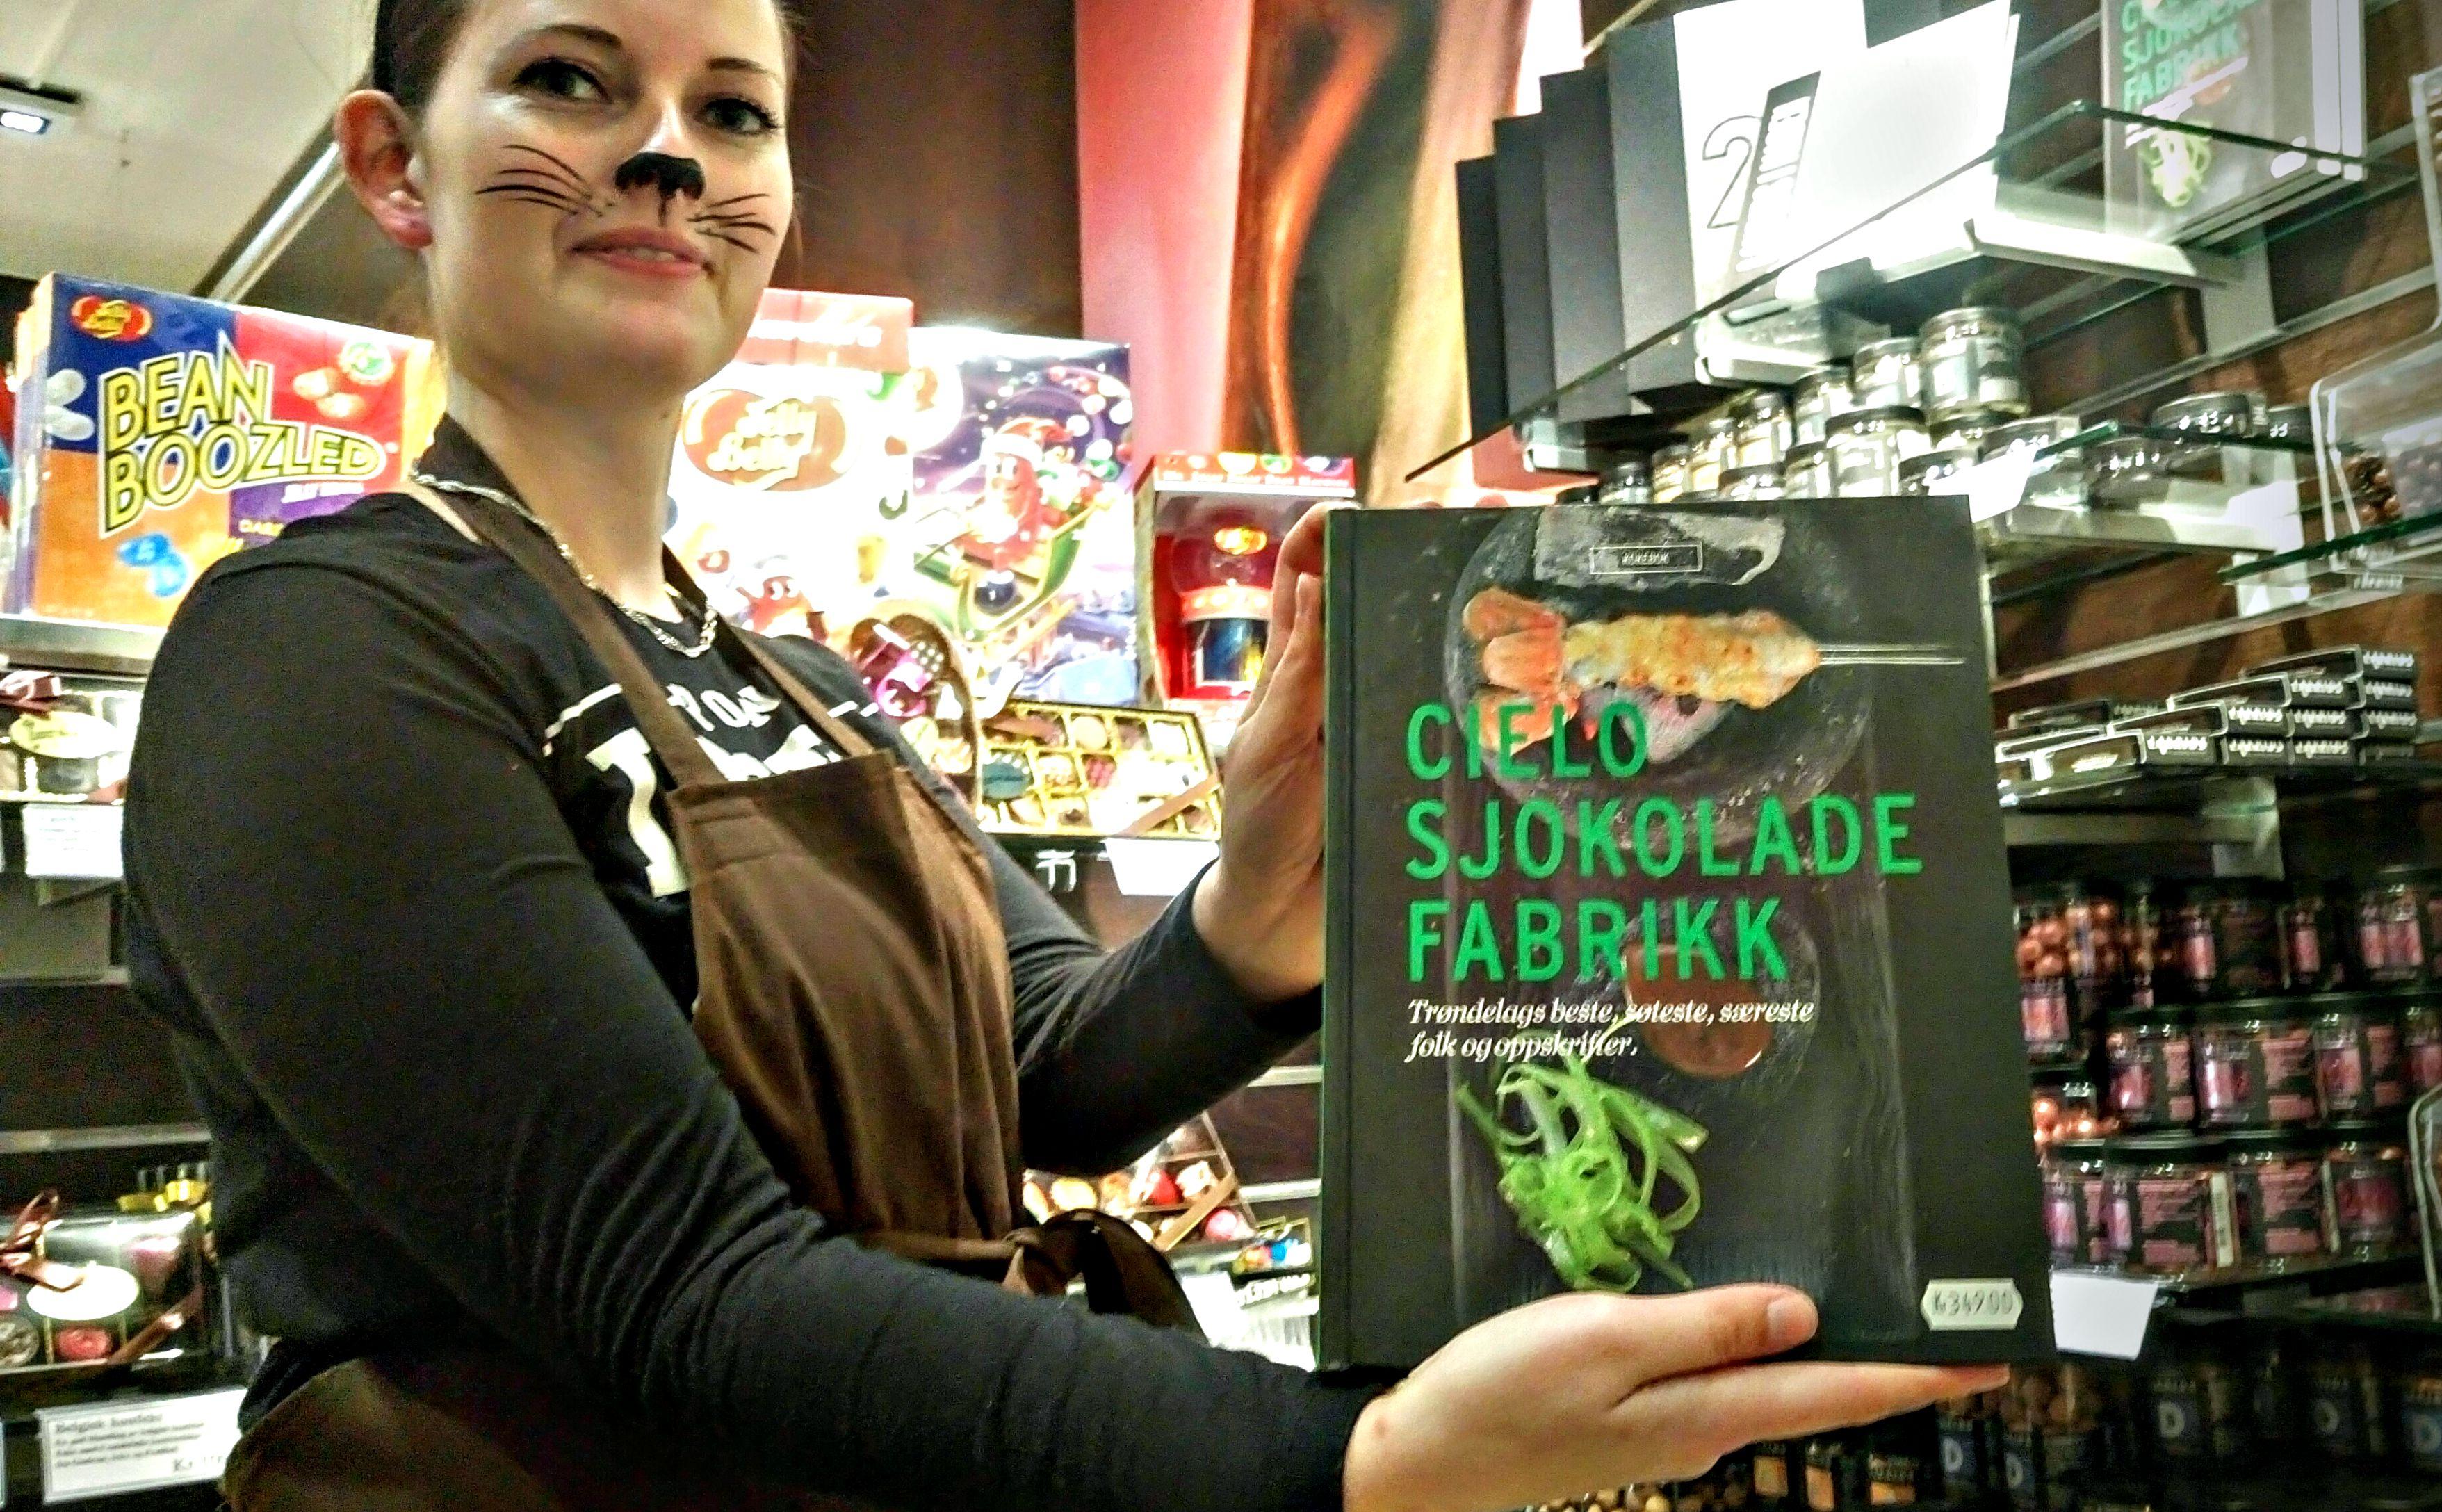 EGEN BOK: Trondheimsfirmaet Cielo består av tre nge gutter som gjør sjokolade til kunst og fantasifigurer. De har gitt ut egen bok, som kan kjøpes i Sjokoladebutikken.